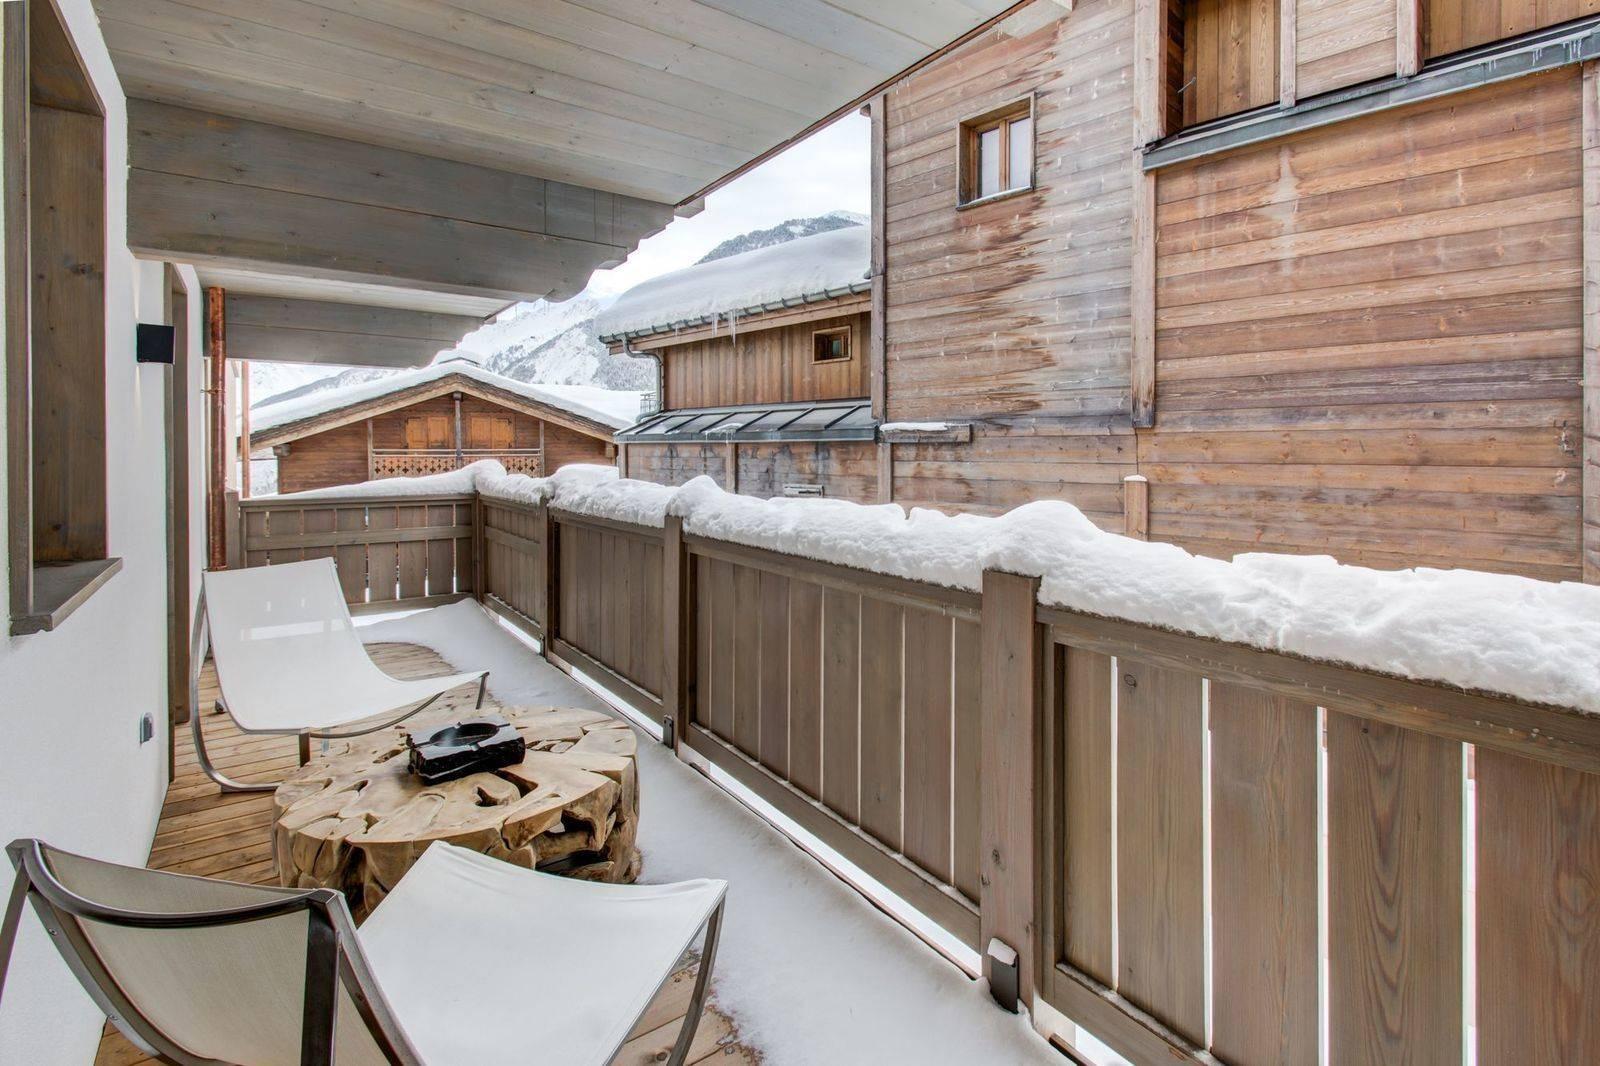 Courchevel 1550 Location Appartement Luxe Telimite Balcon 5